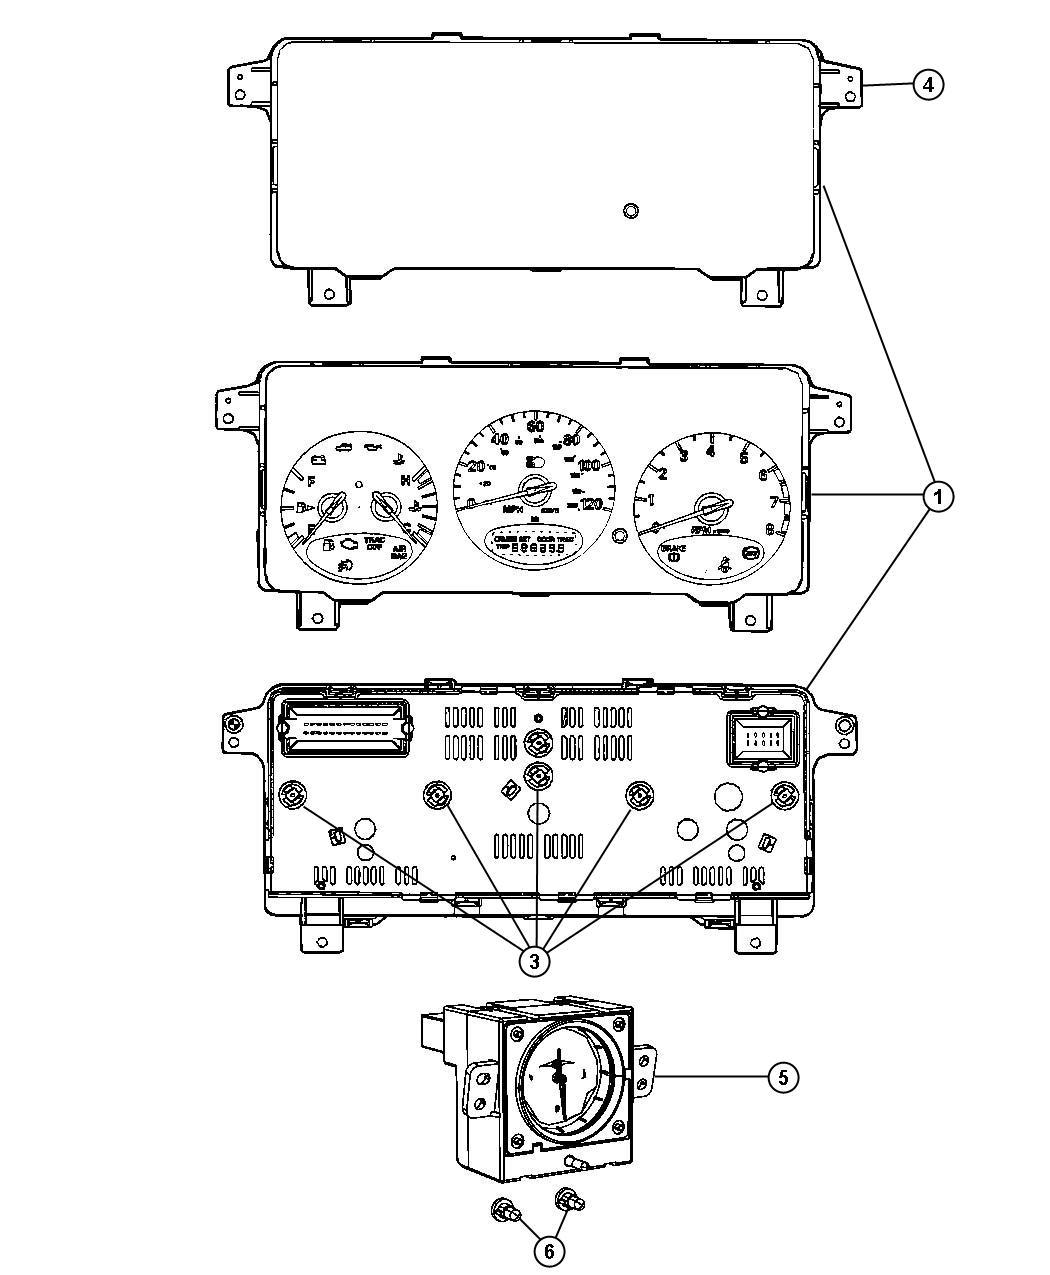 Chrysler Pt Cruiser Cluster Instrument Panel